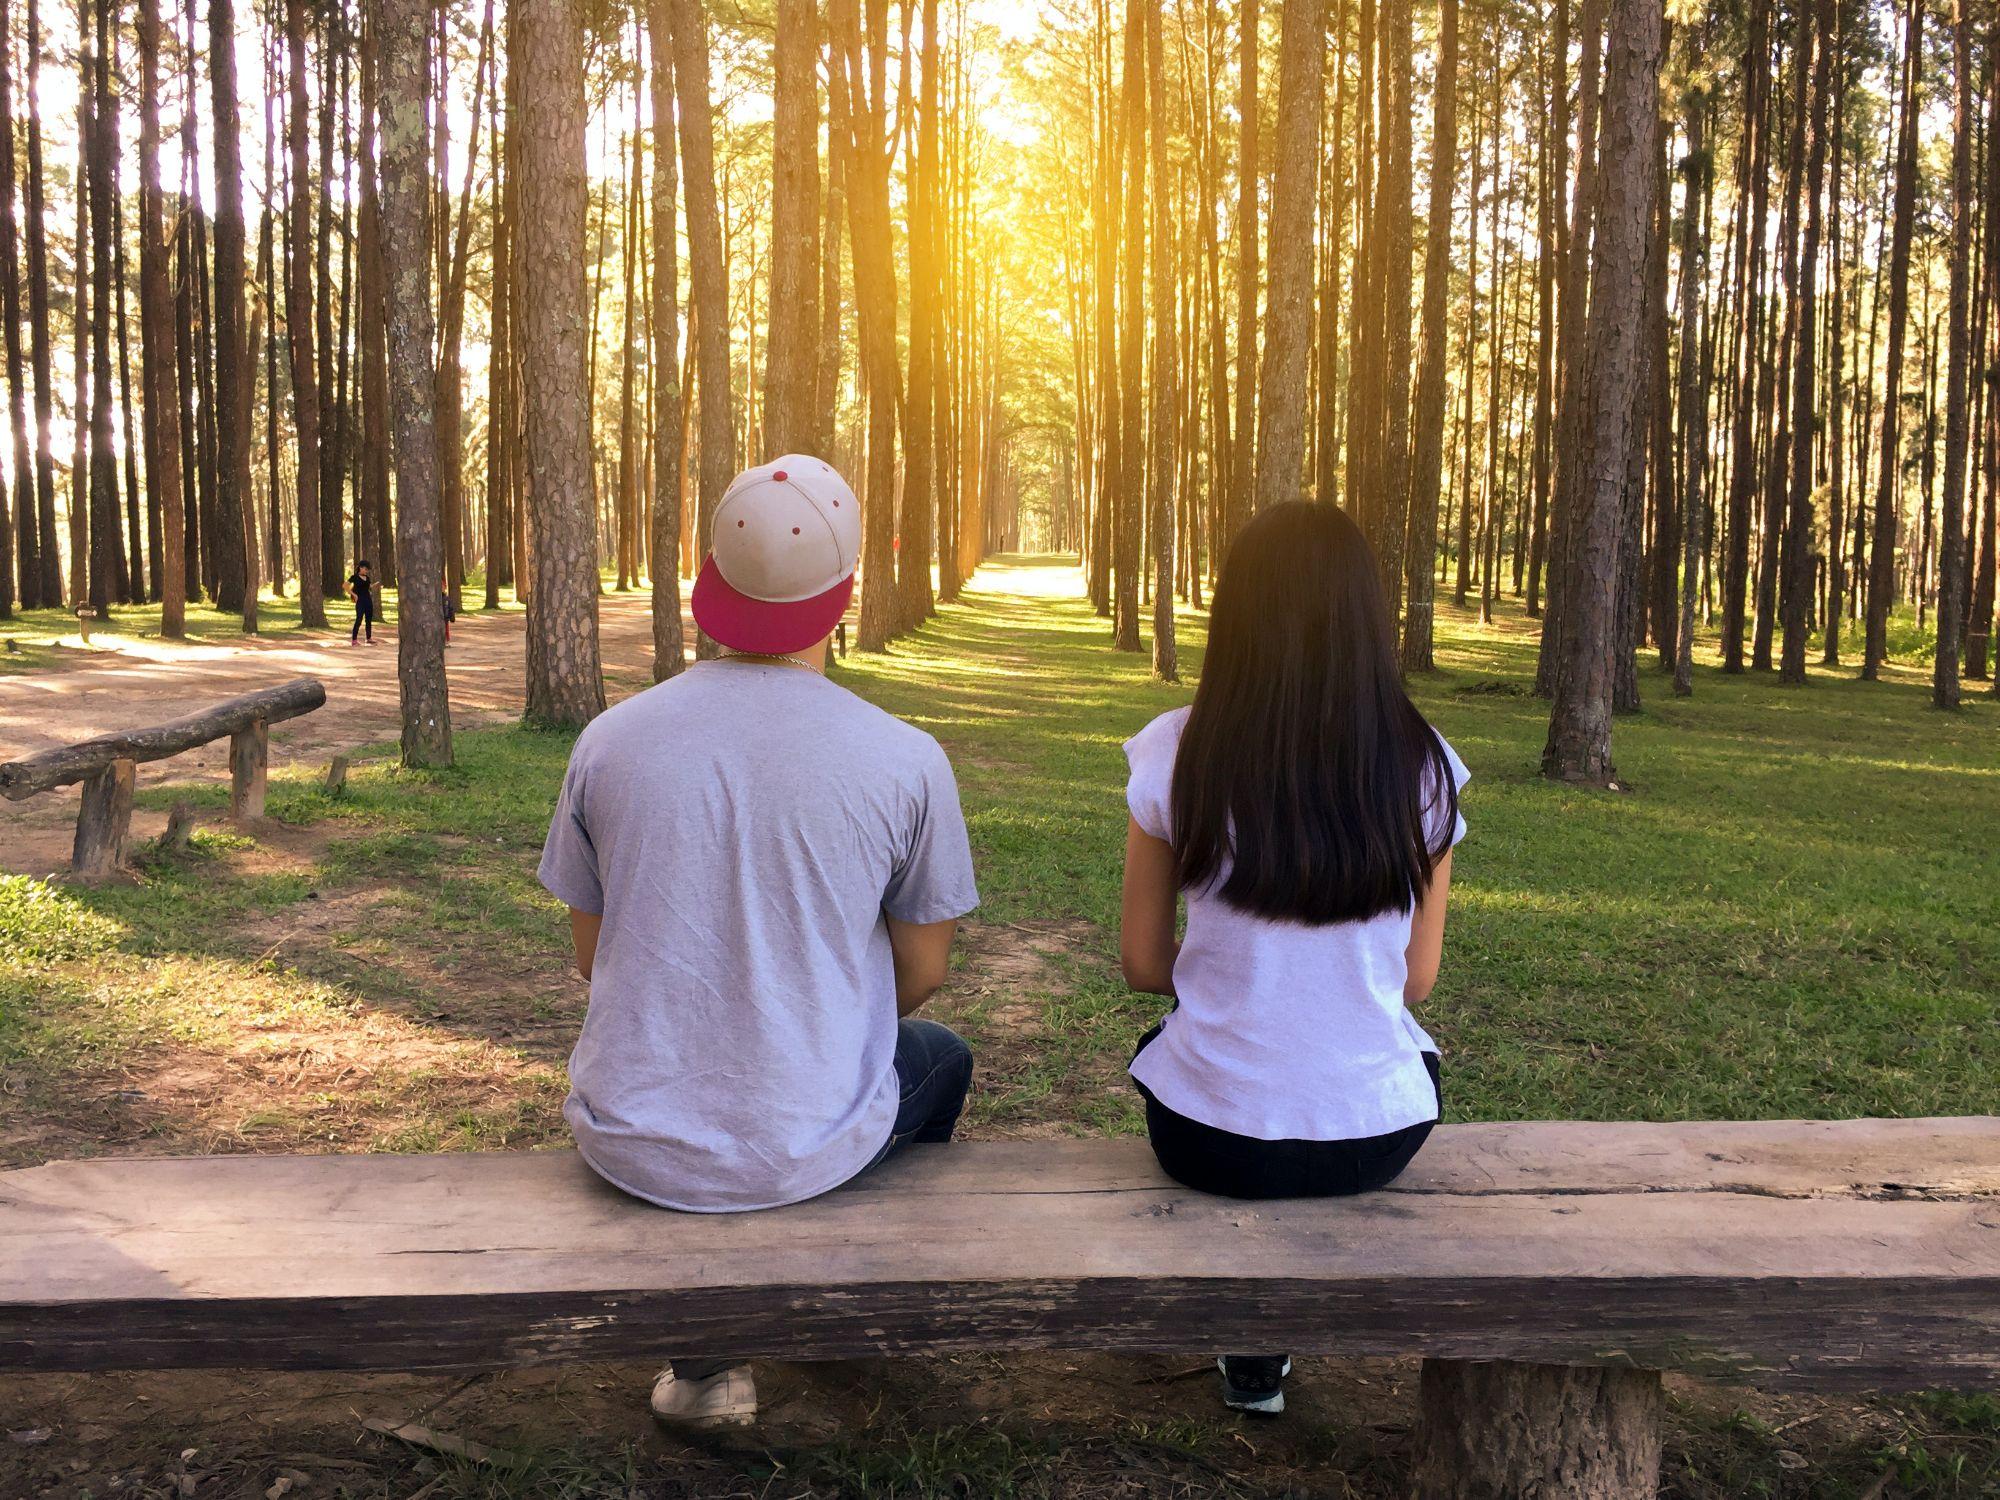 Een man en een vrouw zitten op een houten bankje in het bos. Ze zitten met hun rug gekeerd naar de camera en kijken naar de zonsondergang in de verte.